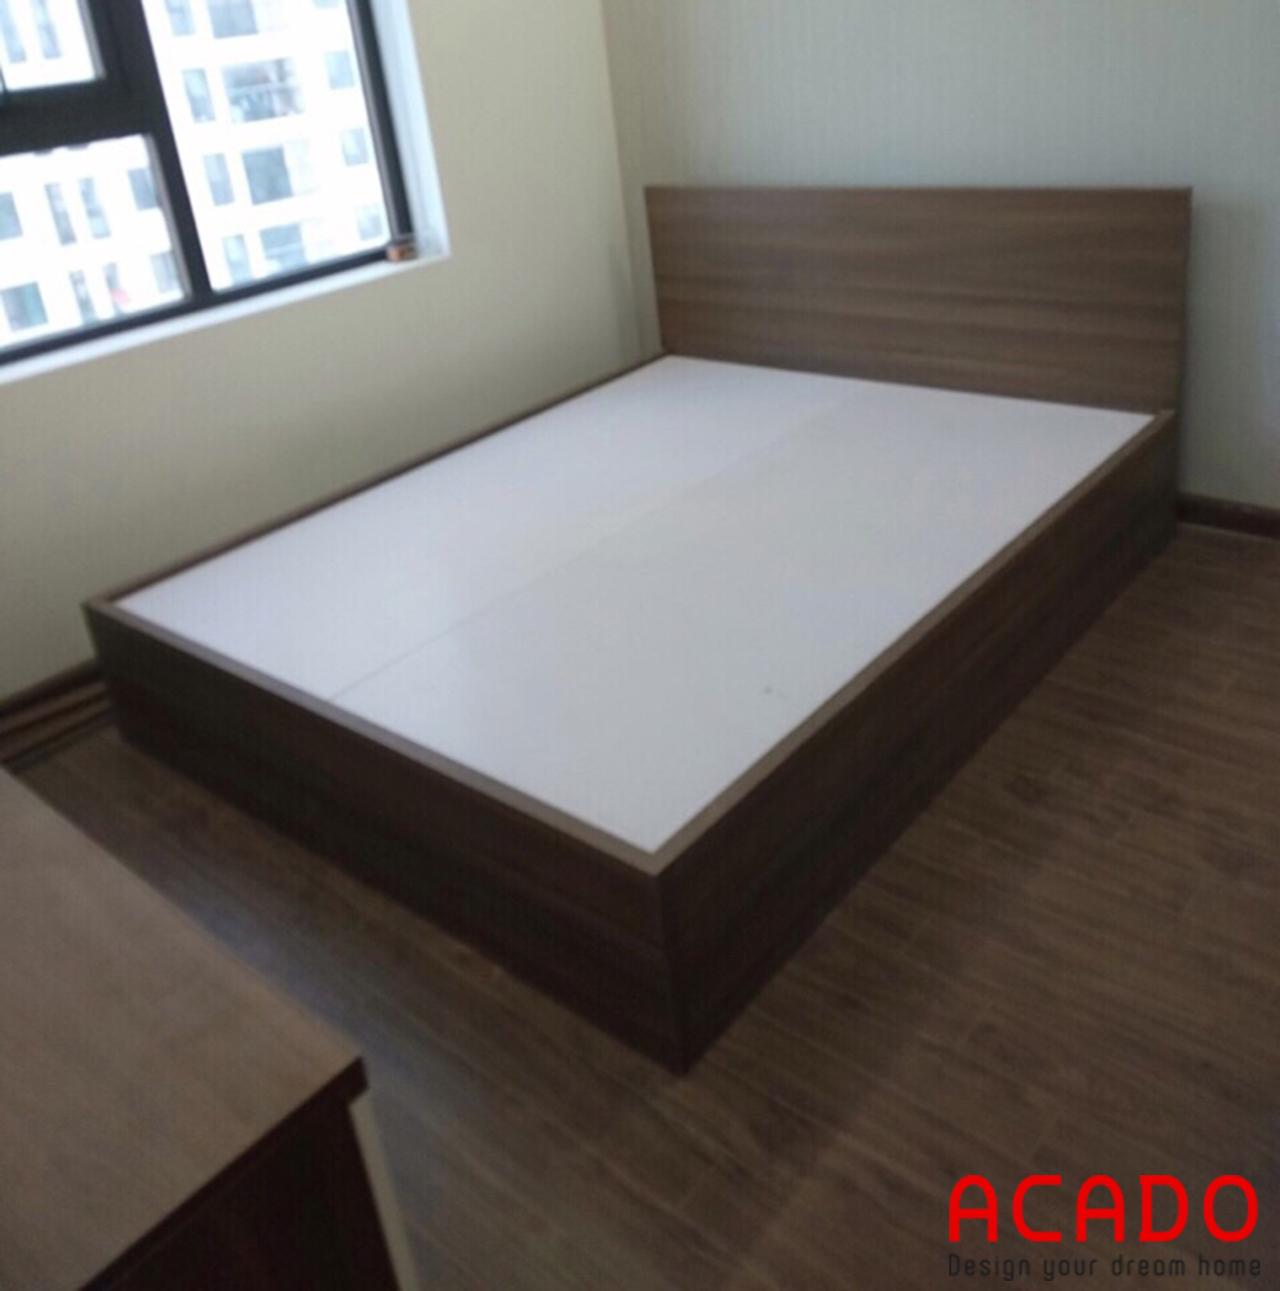 Giường ngủ phòng 02 sử dụng gỗ công nghiệp MDF cốt xanh chống ẩm